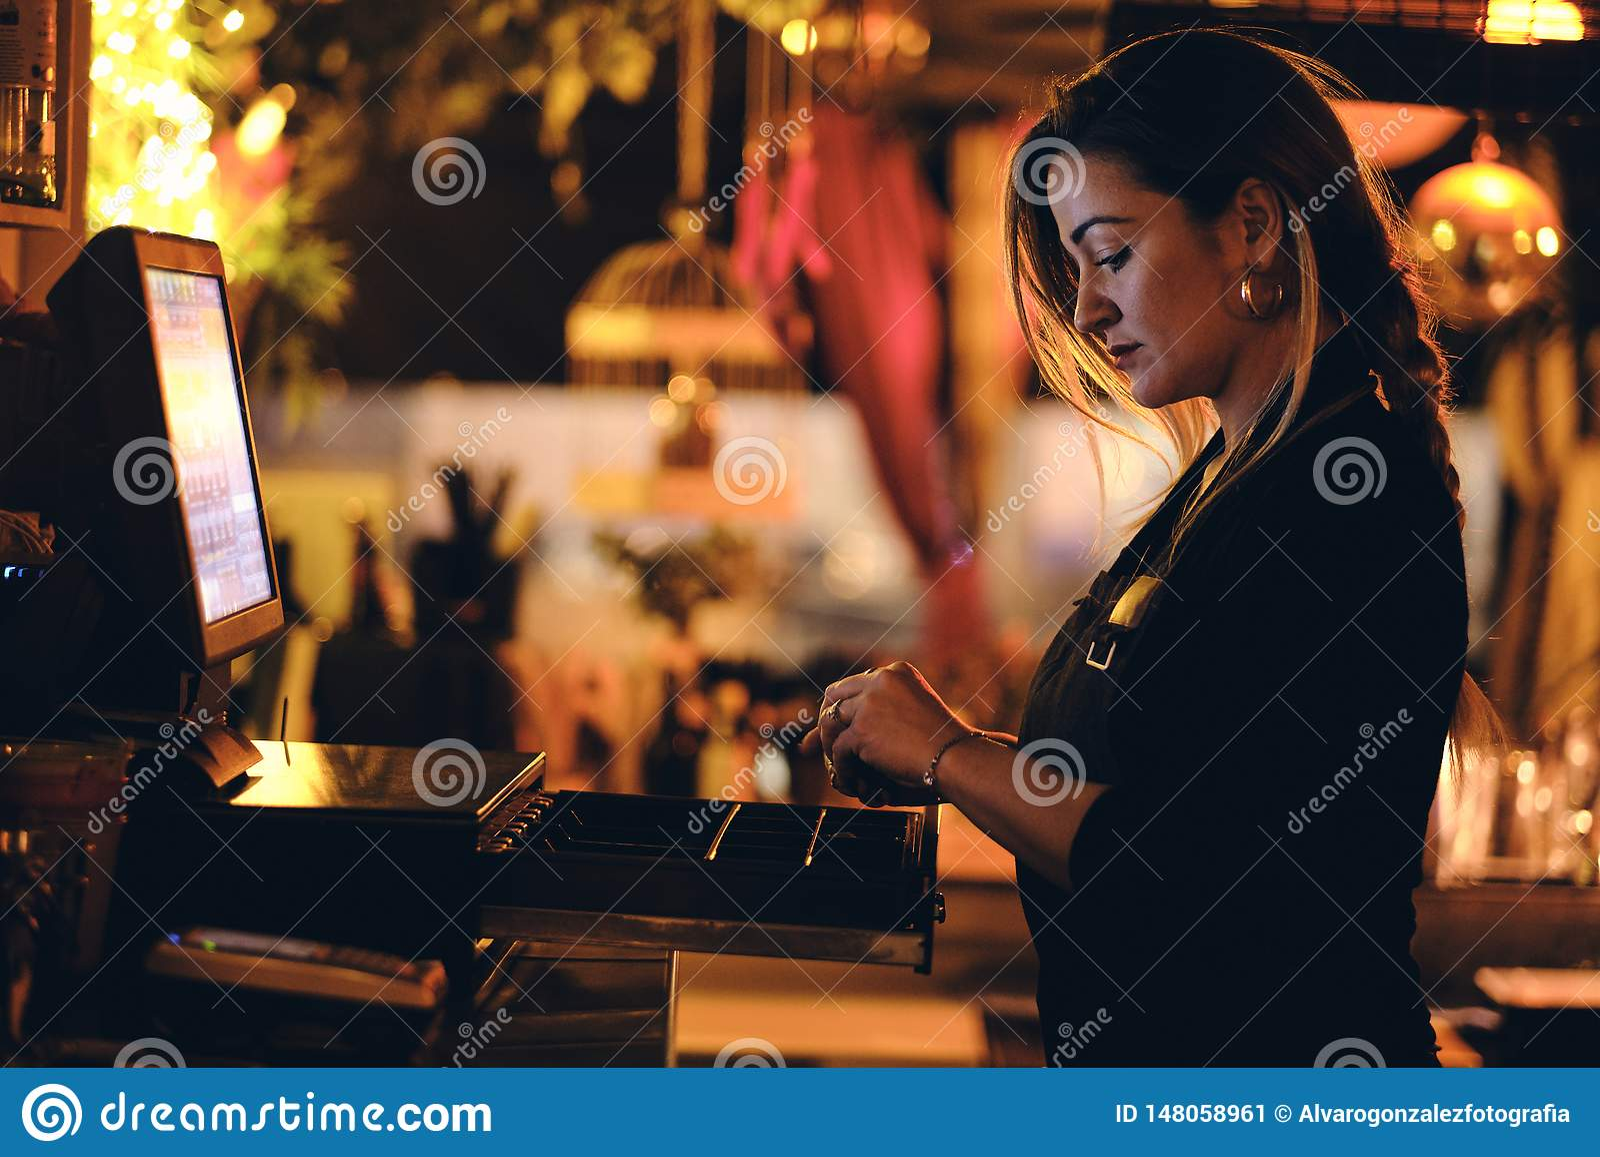 Una bella giovane donna allo scrittorio in un ristorante